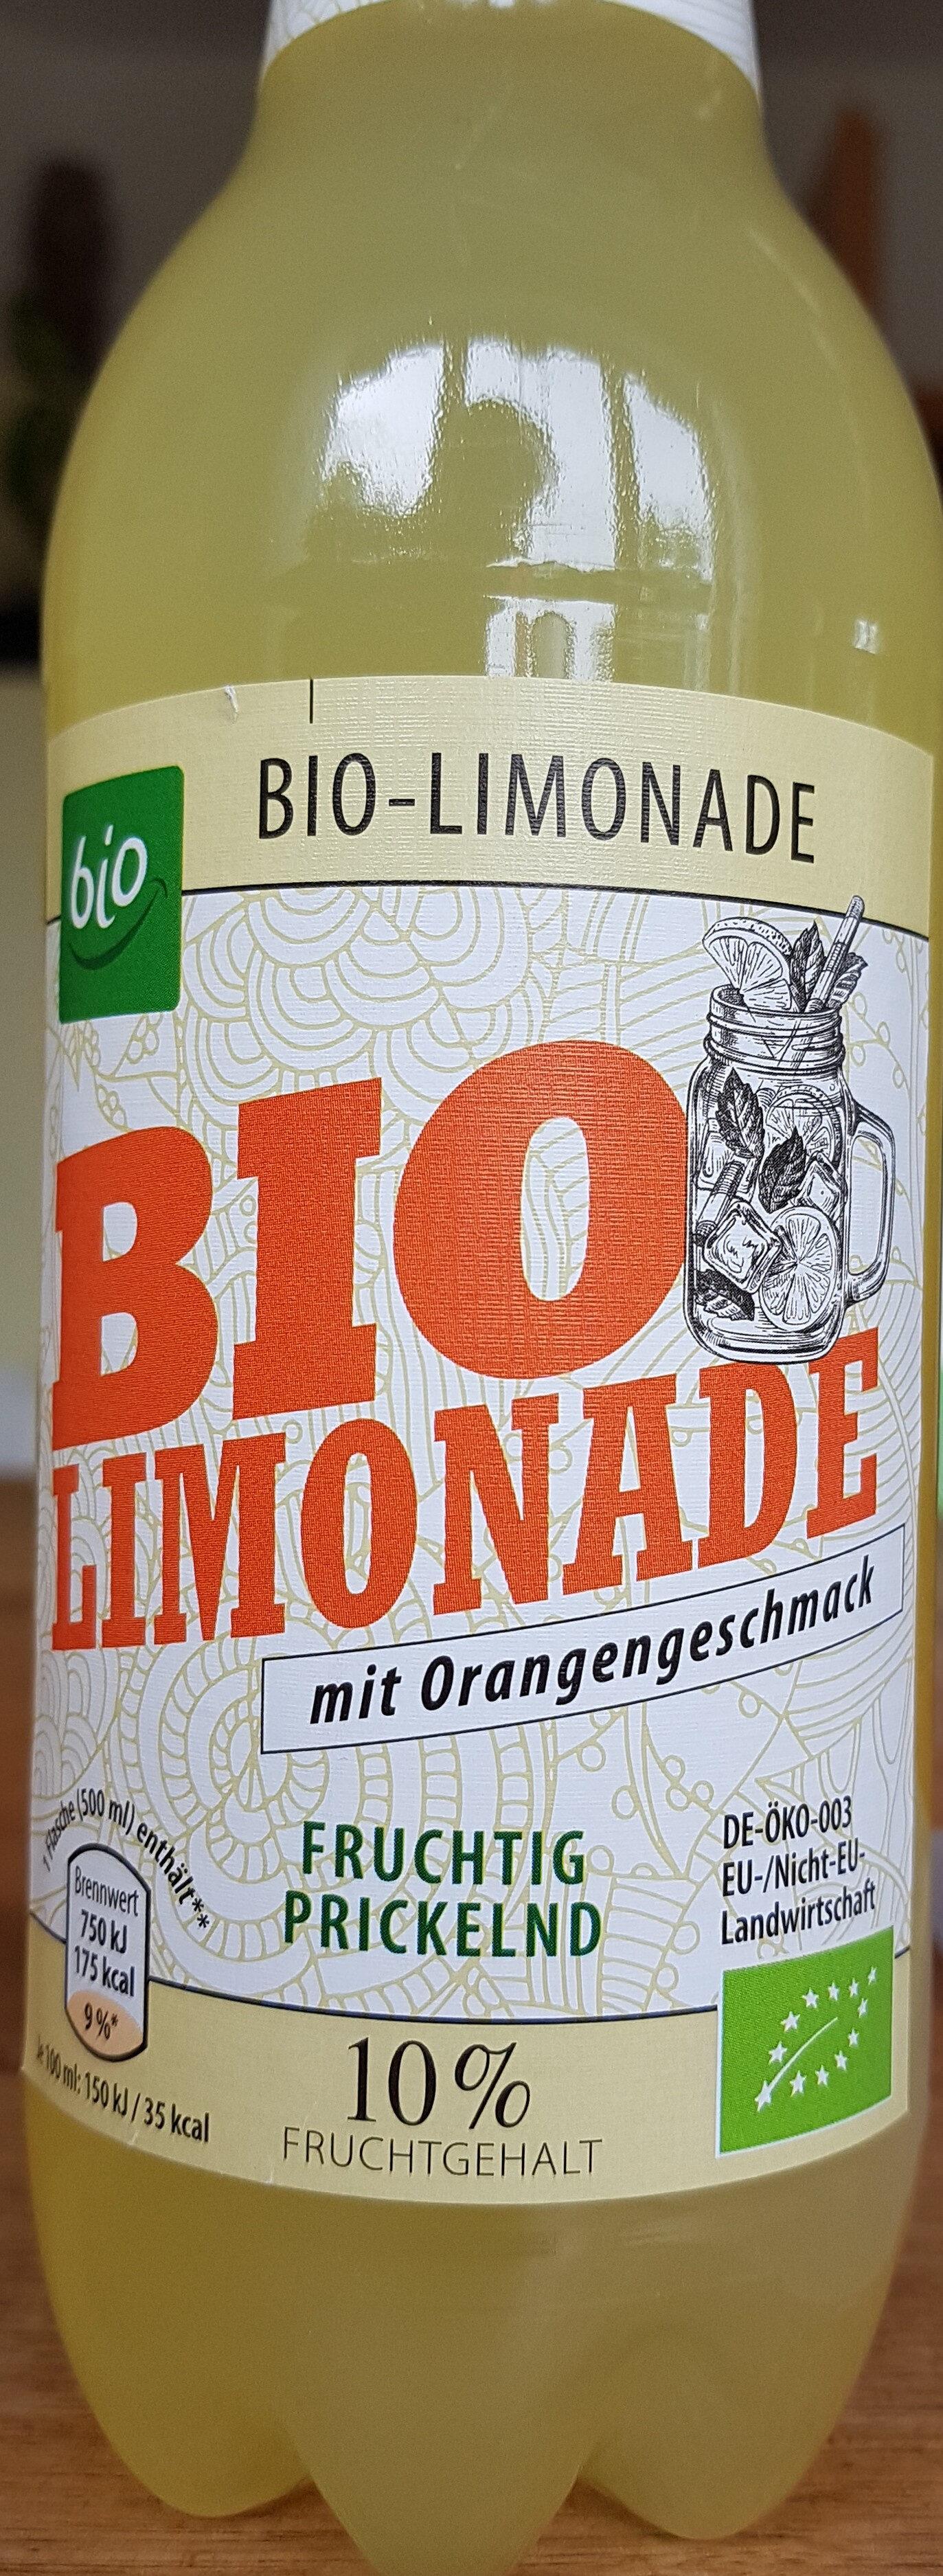 BIO Limonade mit Orangengeschmack - Product - de